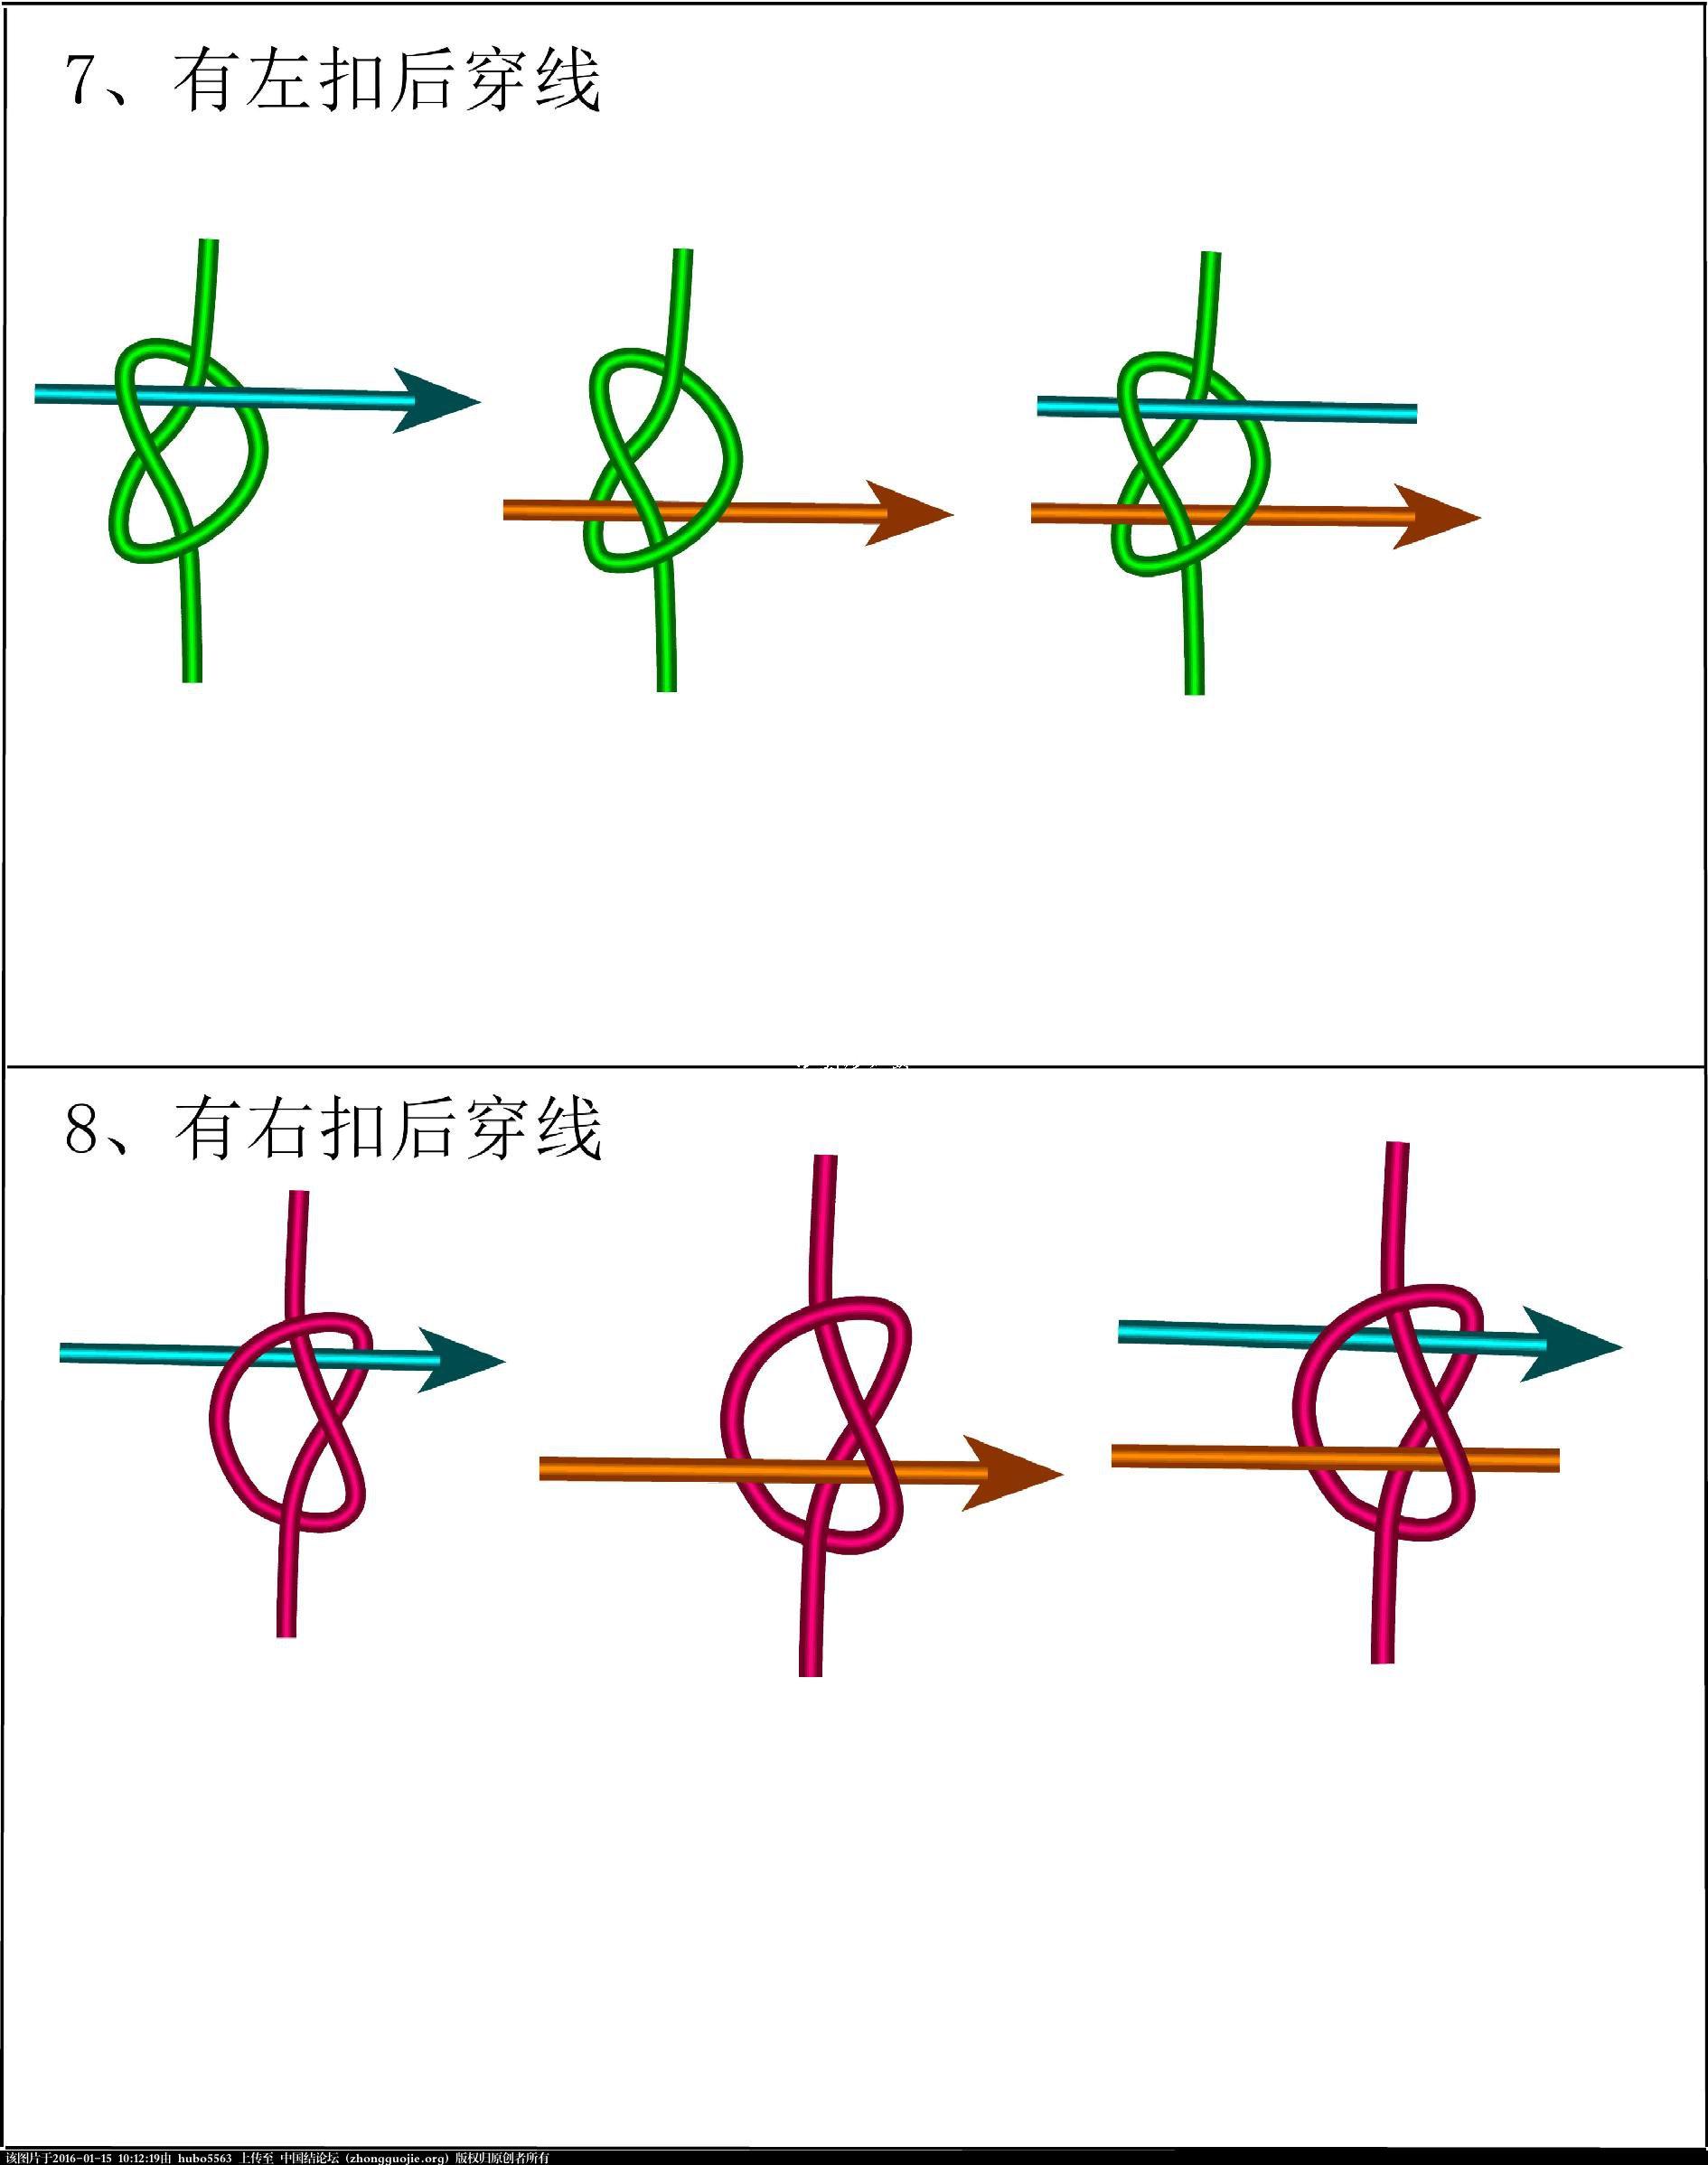 中国结论坛 穿轴同心结 同心 冰花结(华瑶结)的教程与讨论区 100830aplt2pppt2vd3gg6